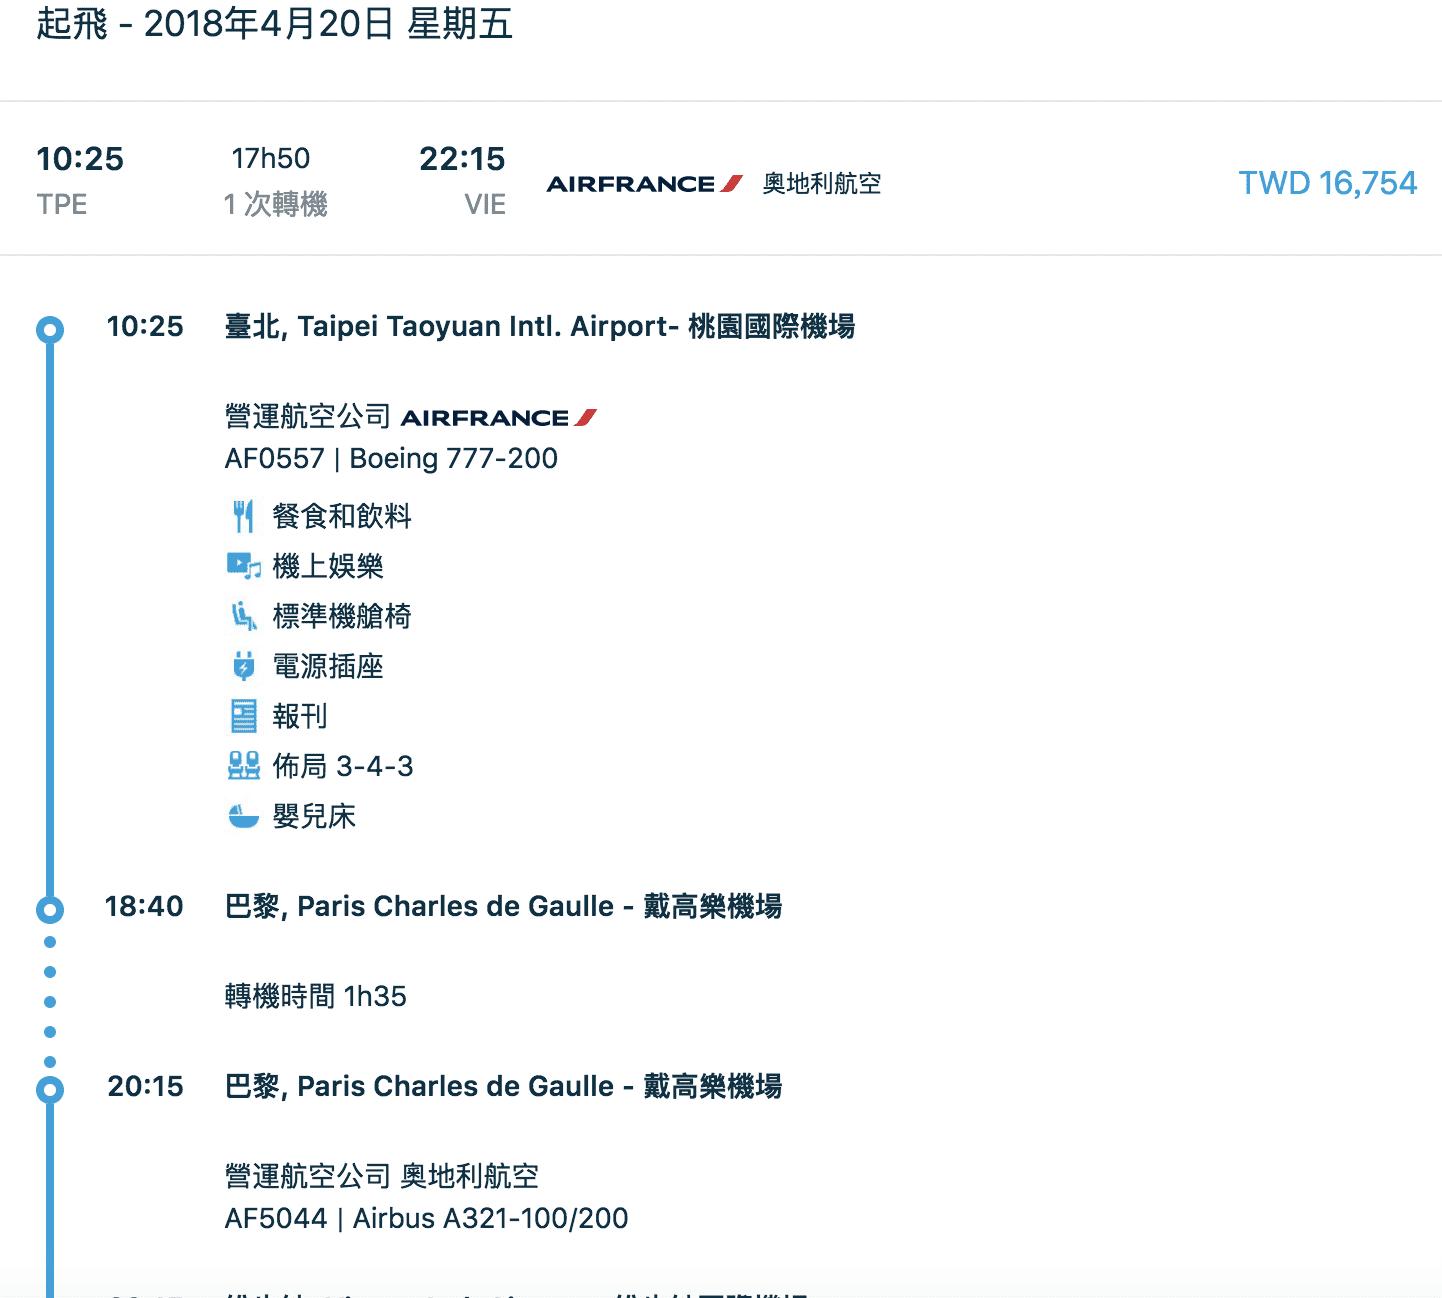 法航直逼台灣歐洲航線最低價,指定期間台北出發經巴黎轉歐洲,最低16K!(查票日期:107.3.2)